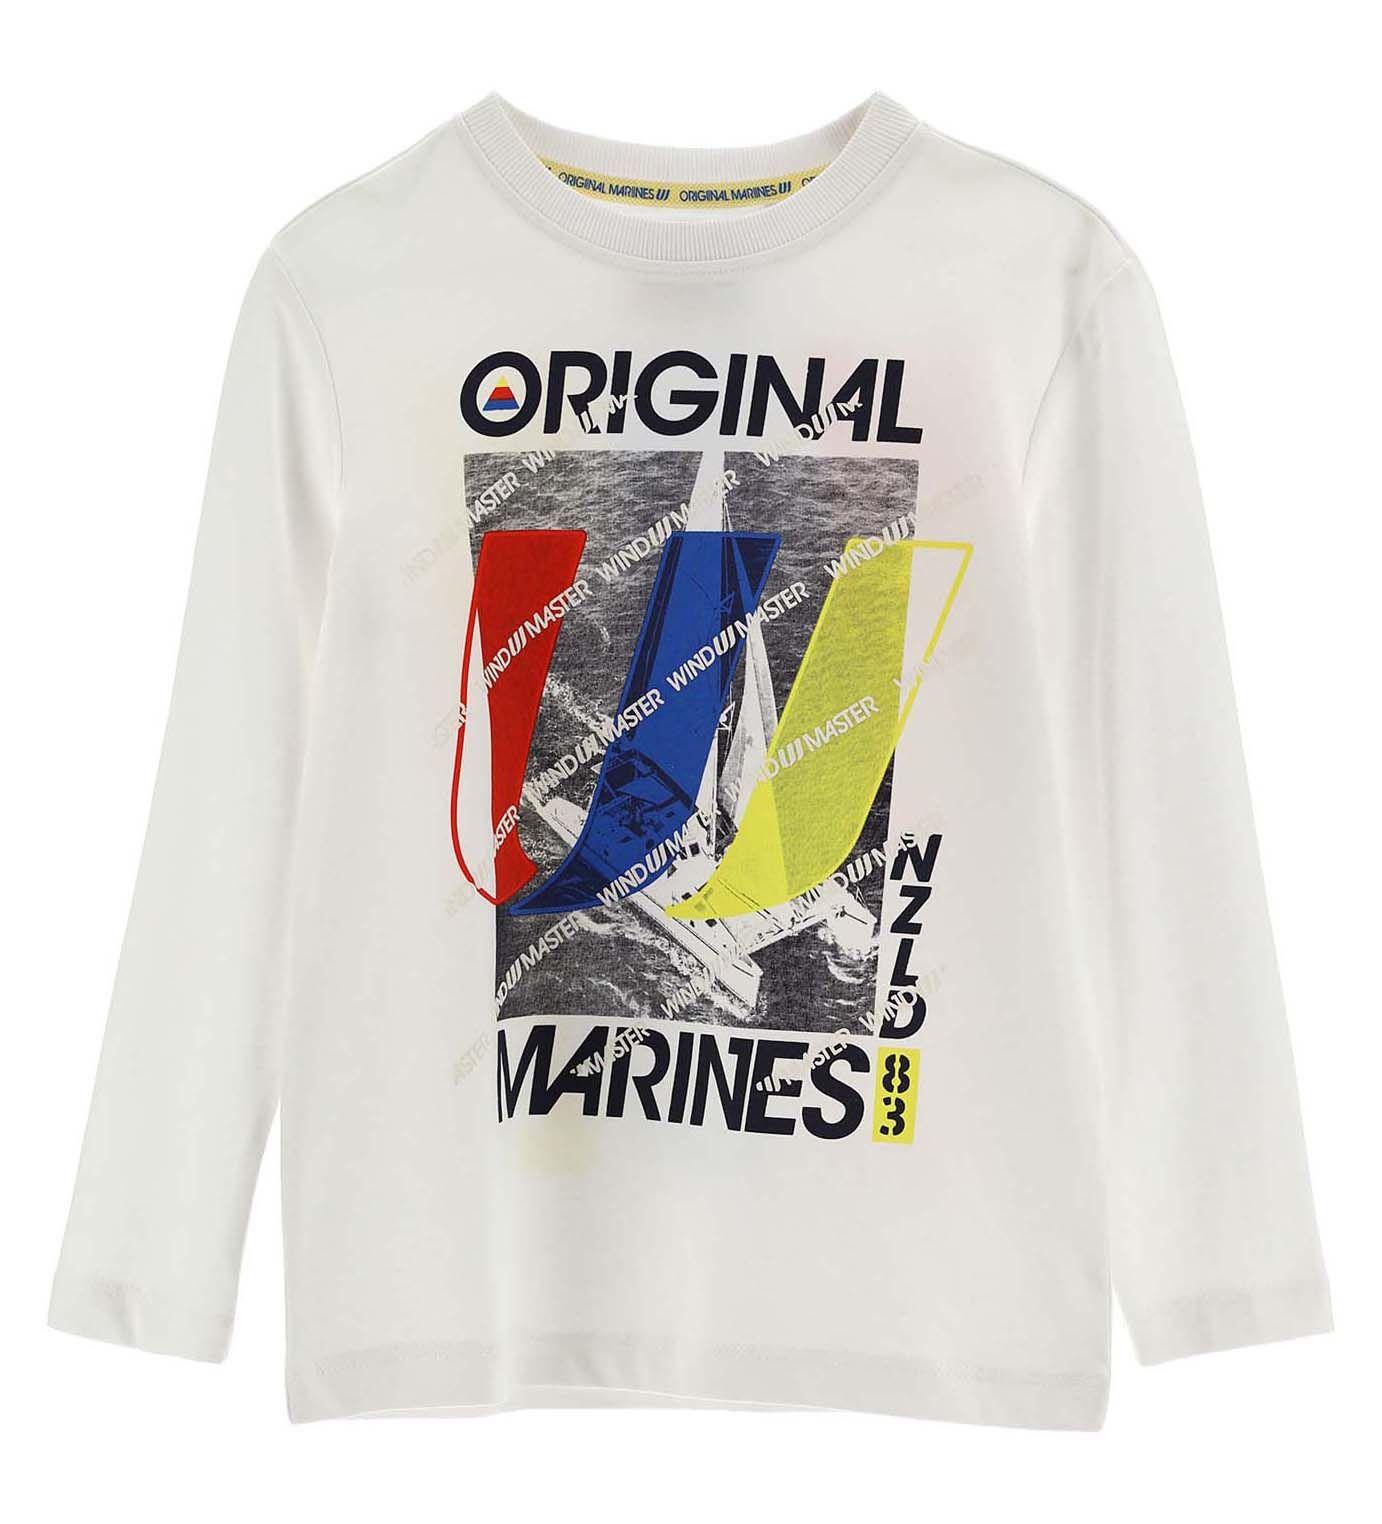 Купить Лонгслив Original Marines, белый, 152, Мальчики, весна